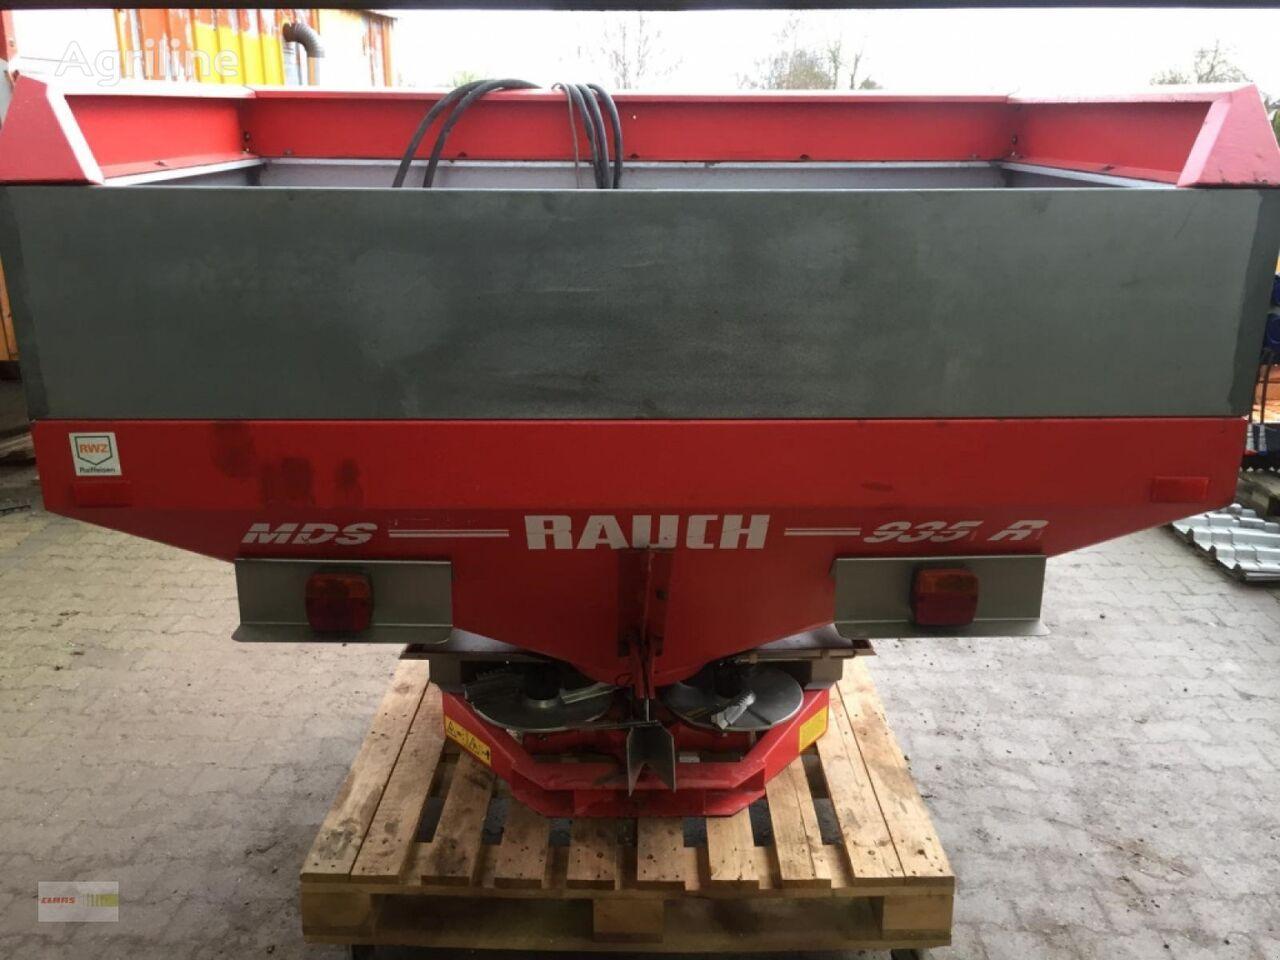 RAUCH MDS 935 mounted fertilizer spreader